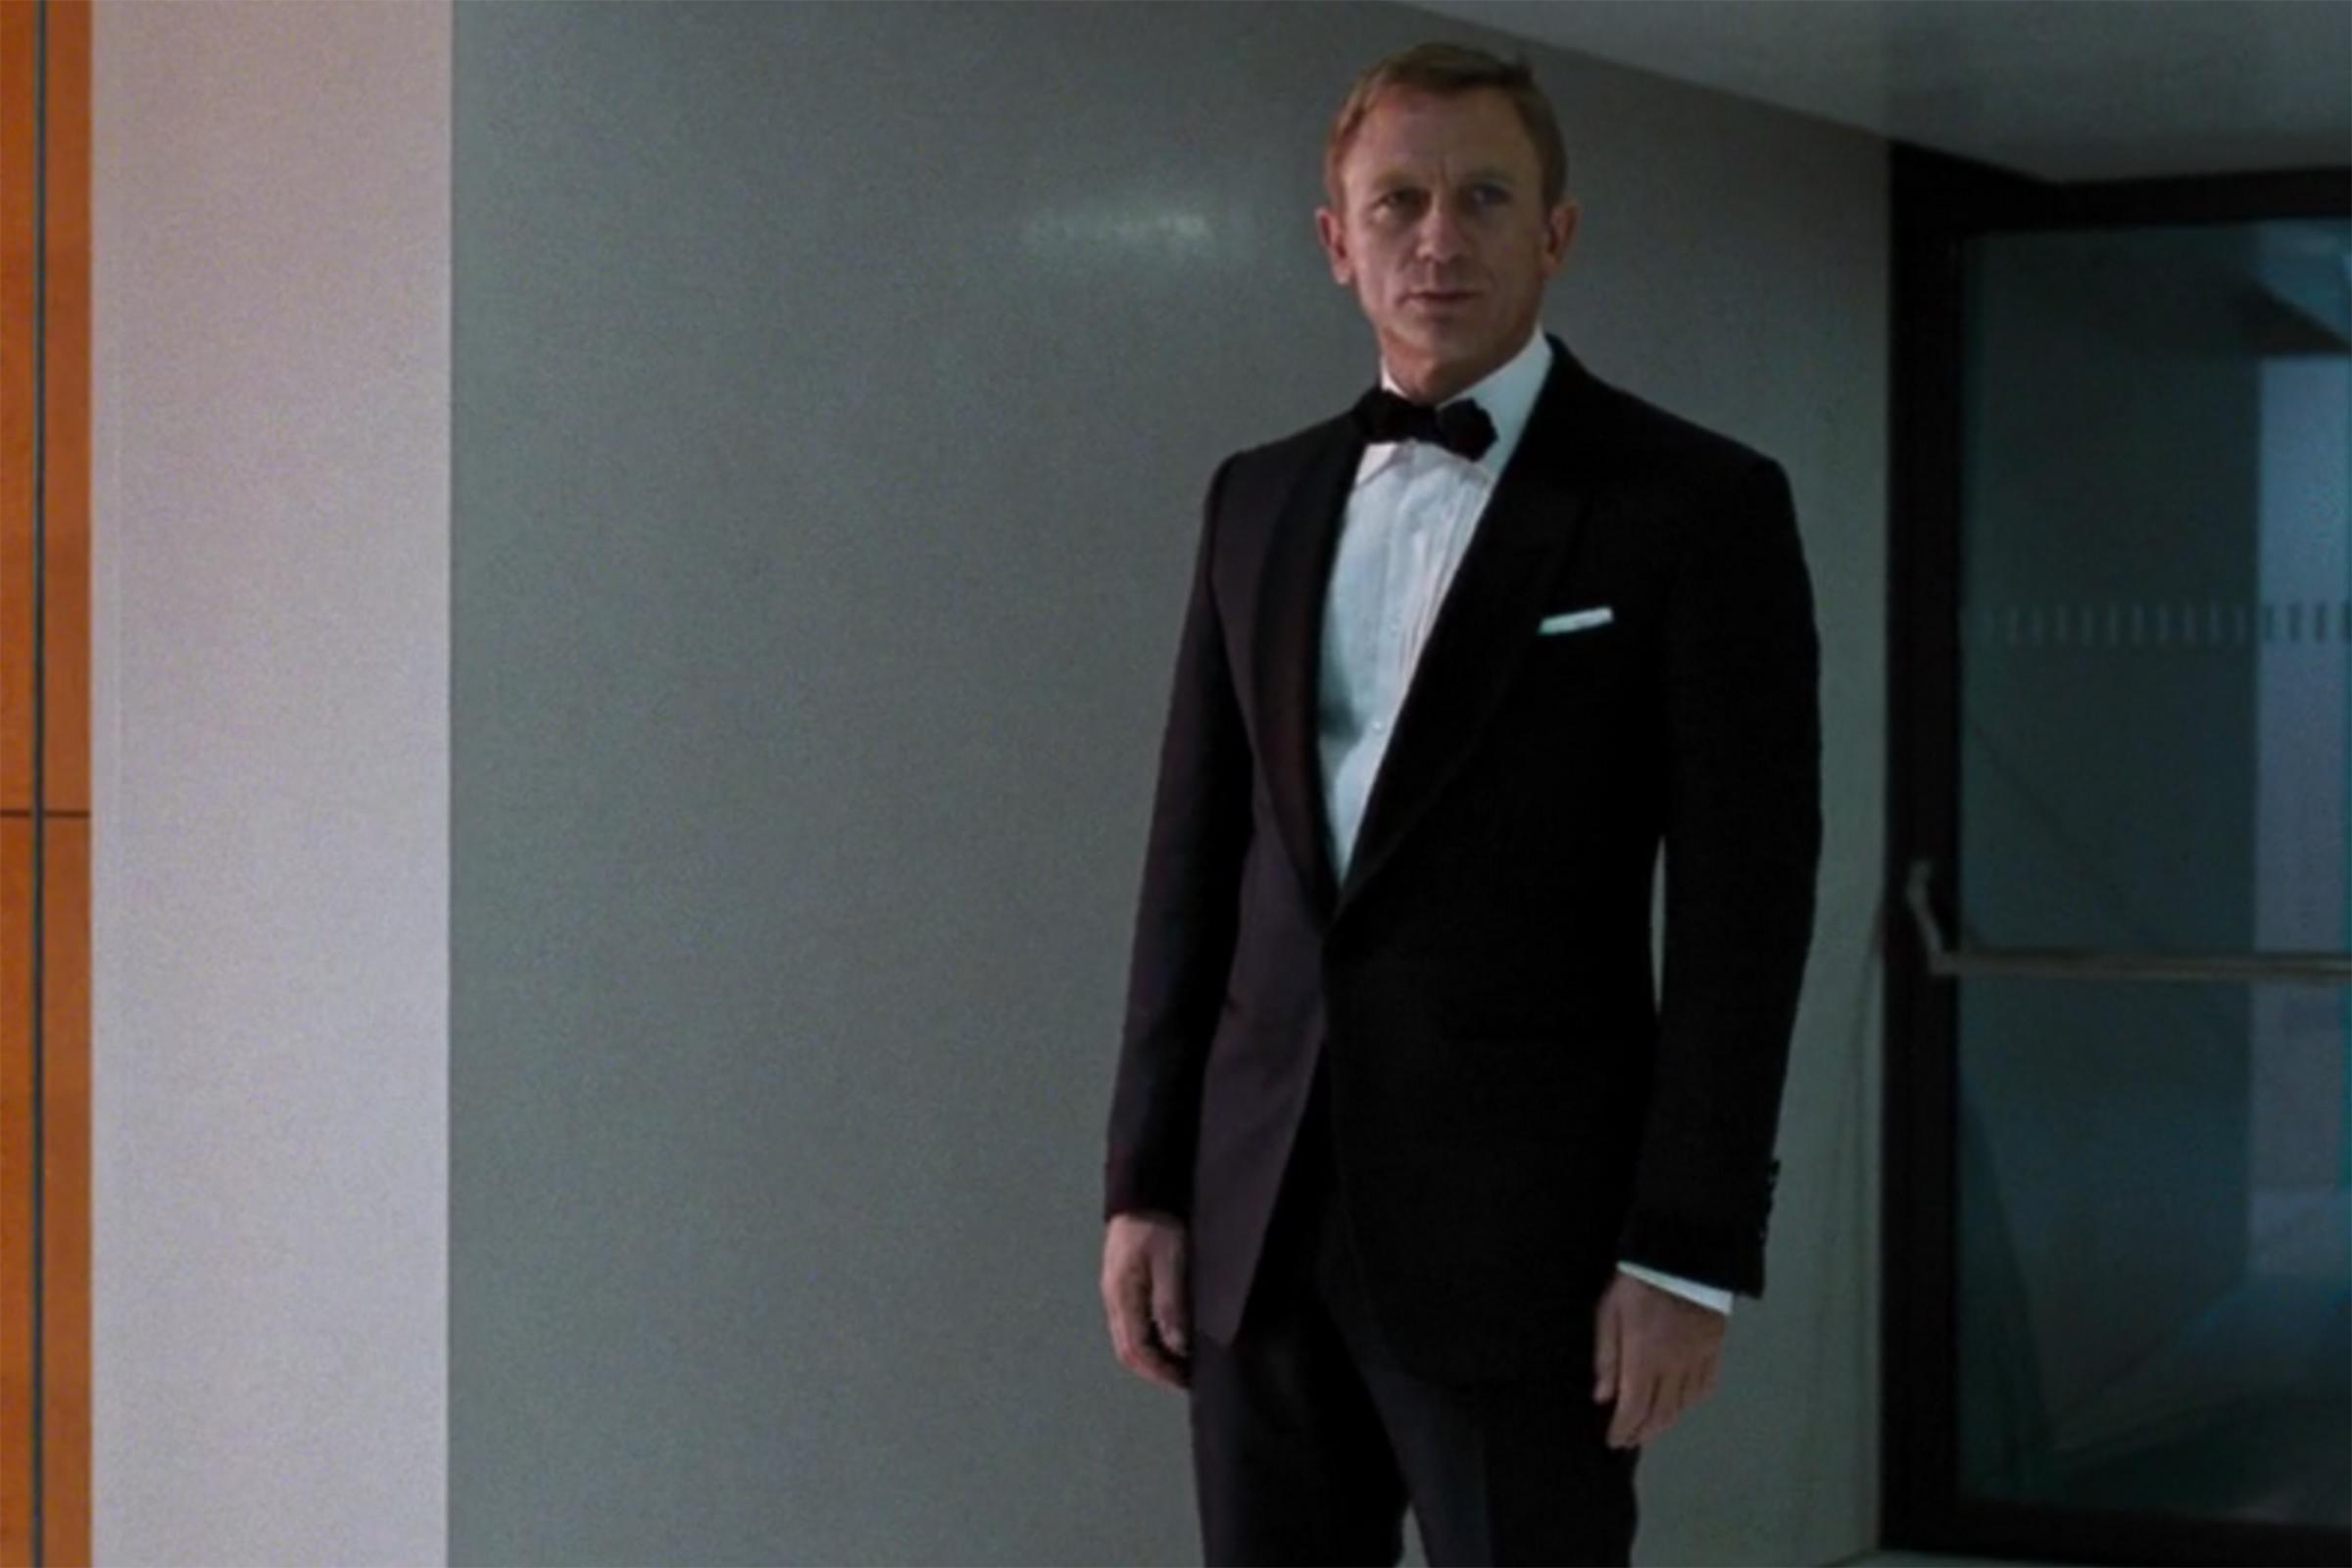 Daniel Craig in a tuxedo and classic black bowtie in Quantum of Solace.